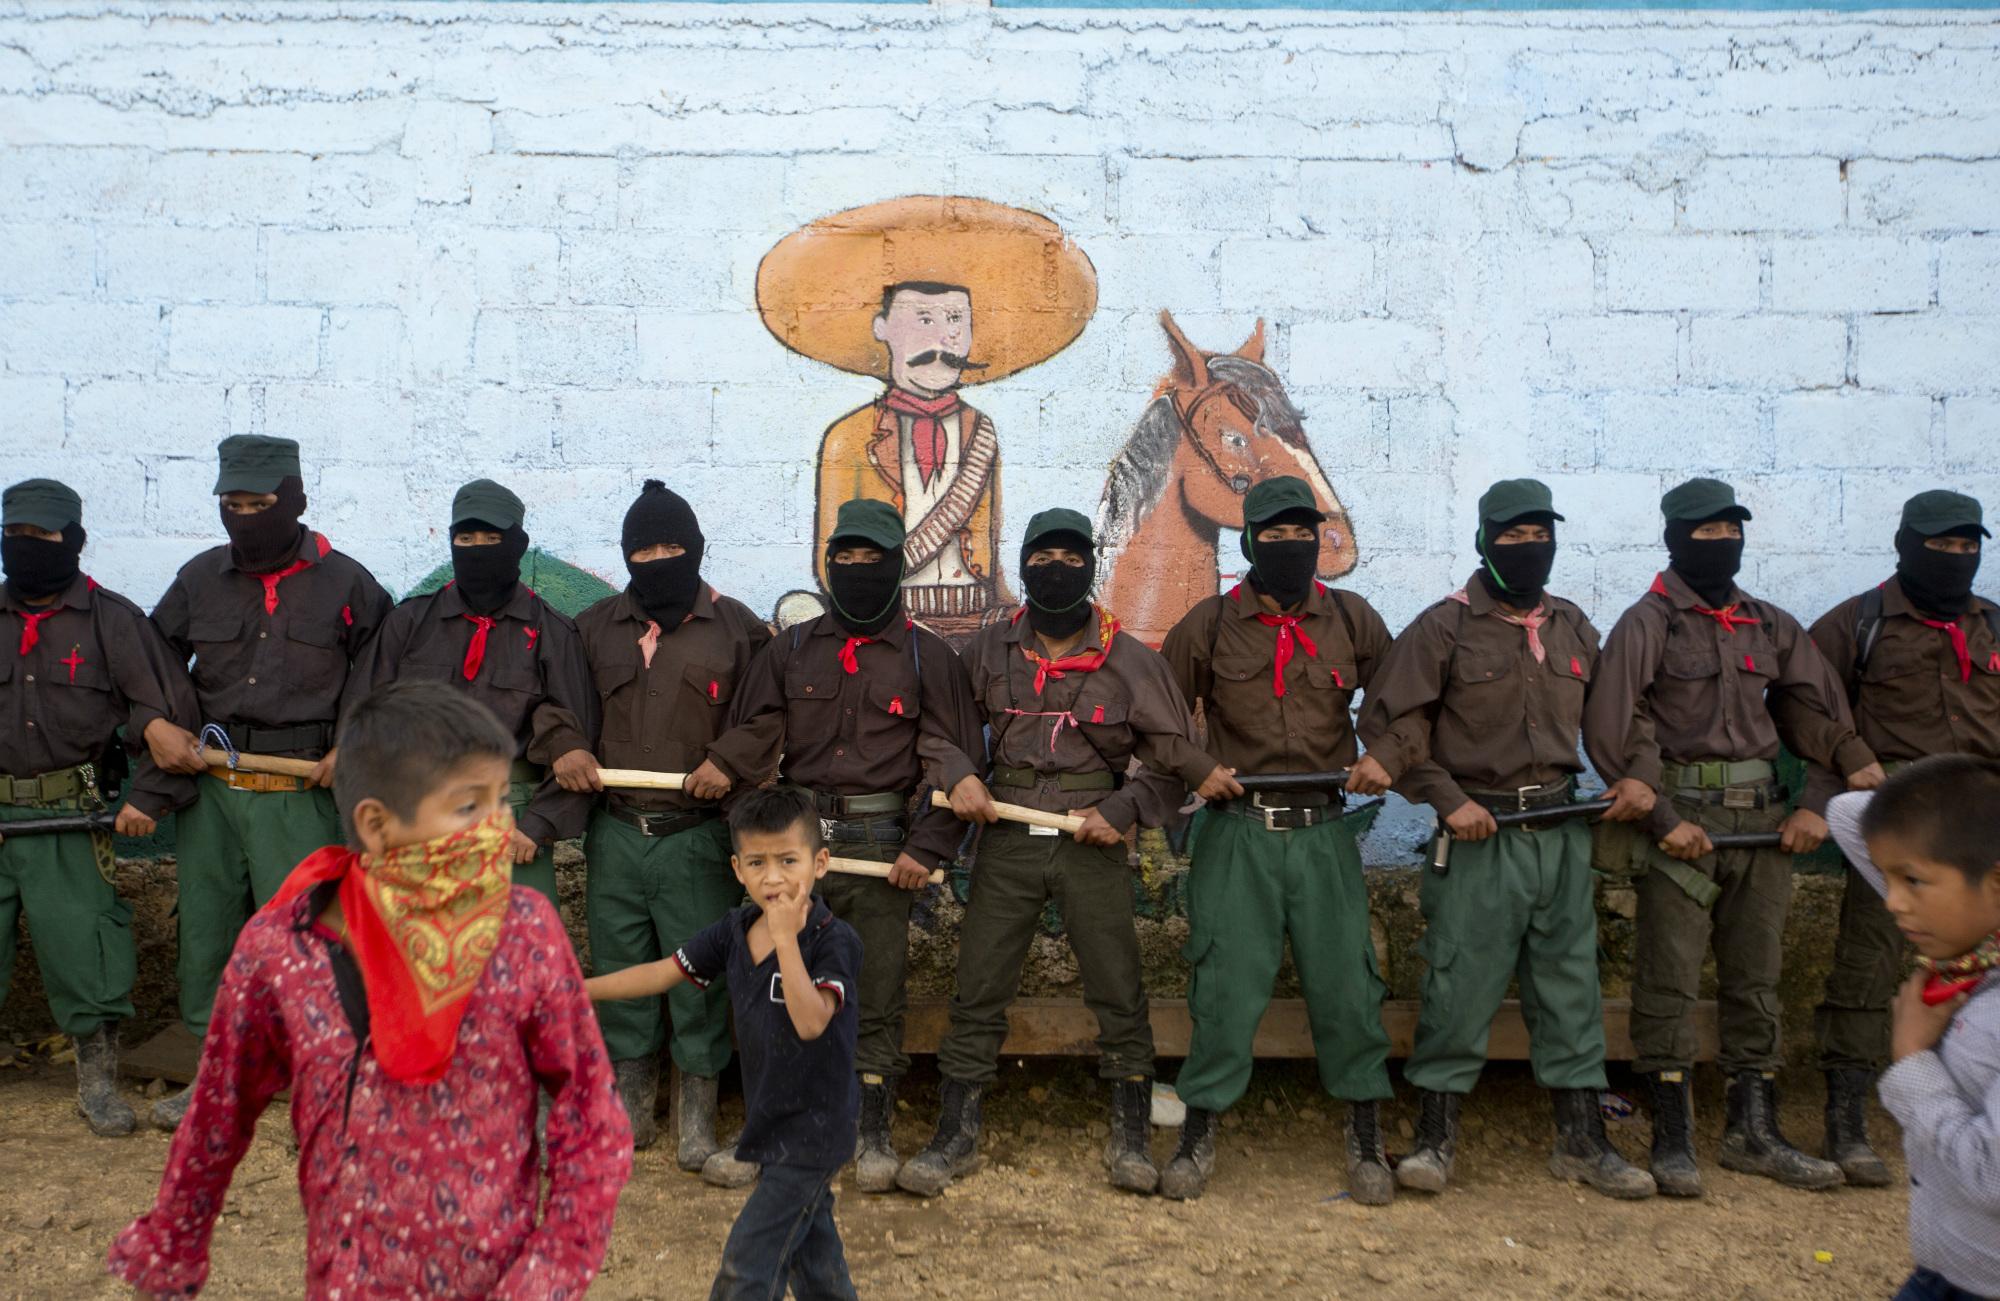 Zapatistas en La Garrucha, Chiapas, 2017. (AP Photo/Eduardo Verdugo)